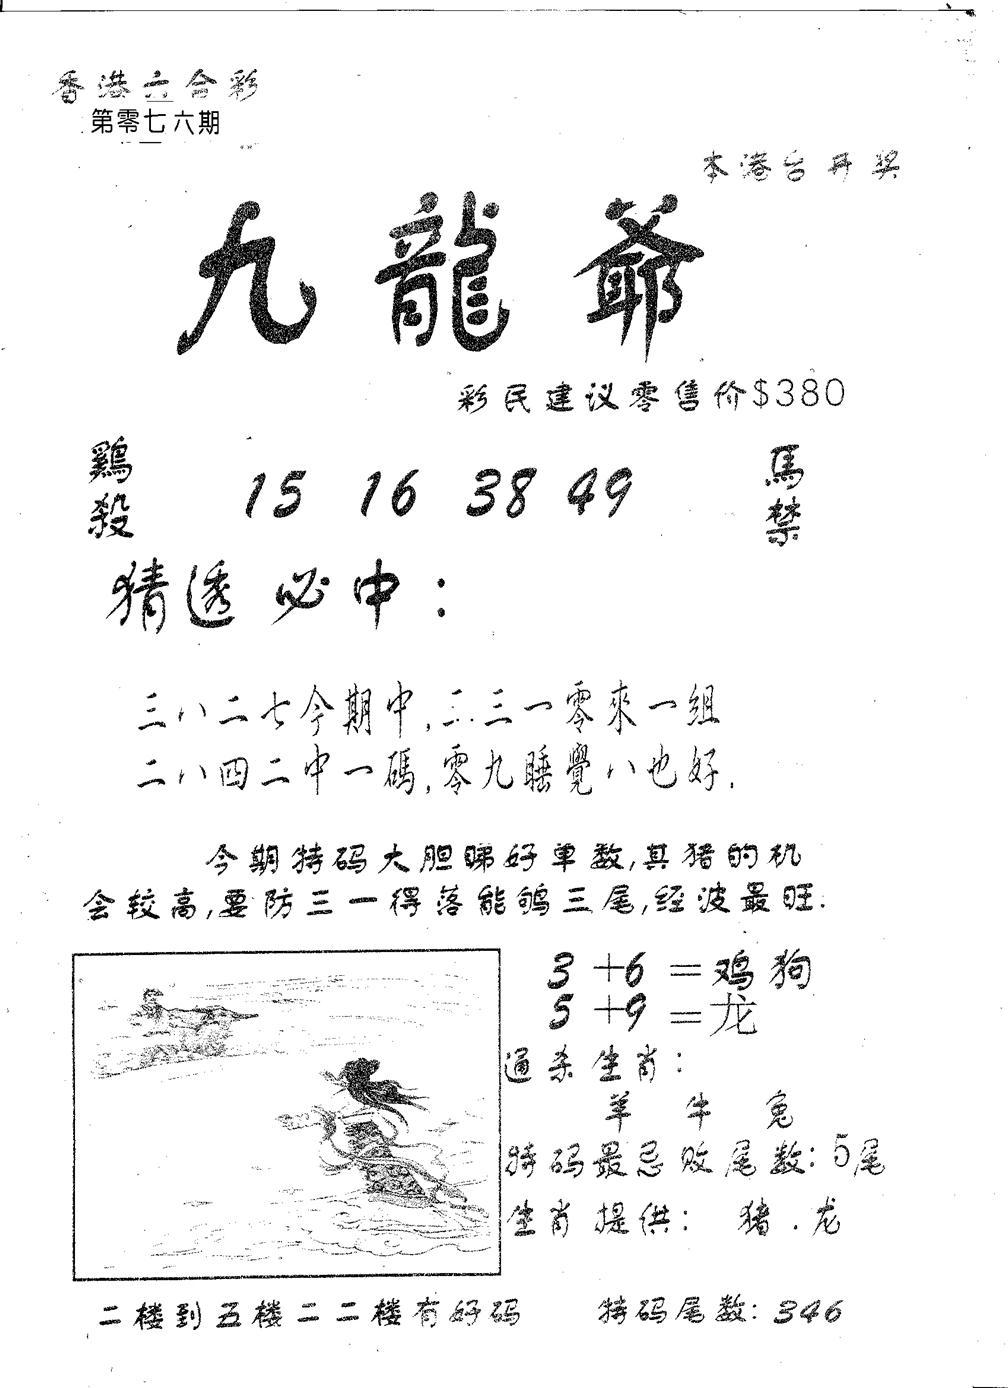 076期曾特诗(黑白)